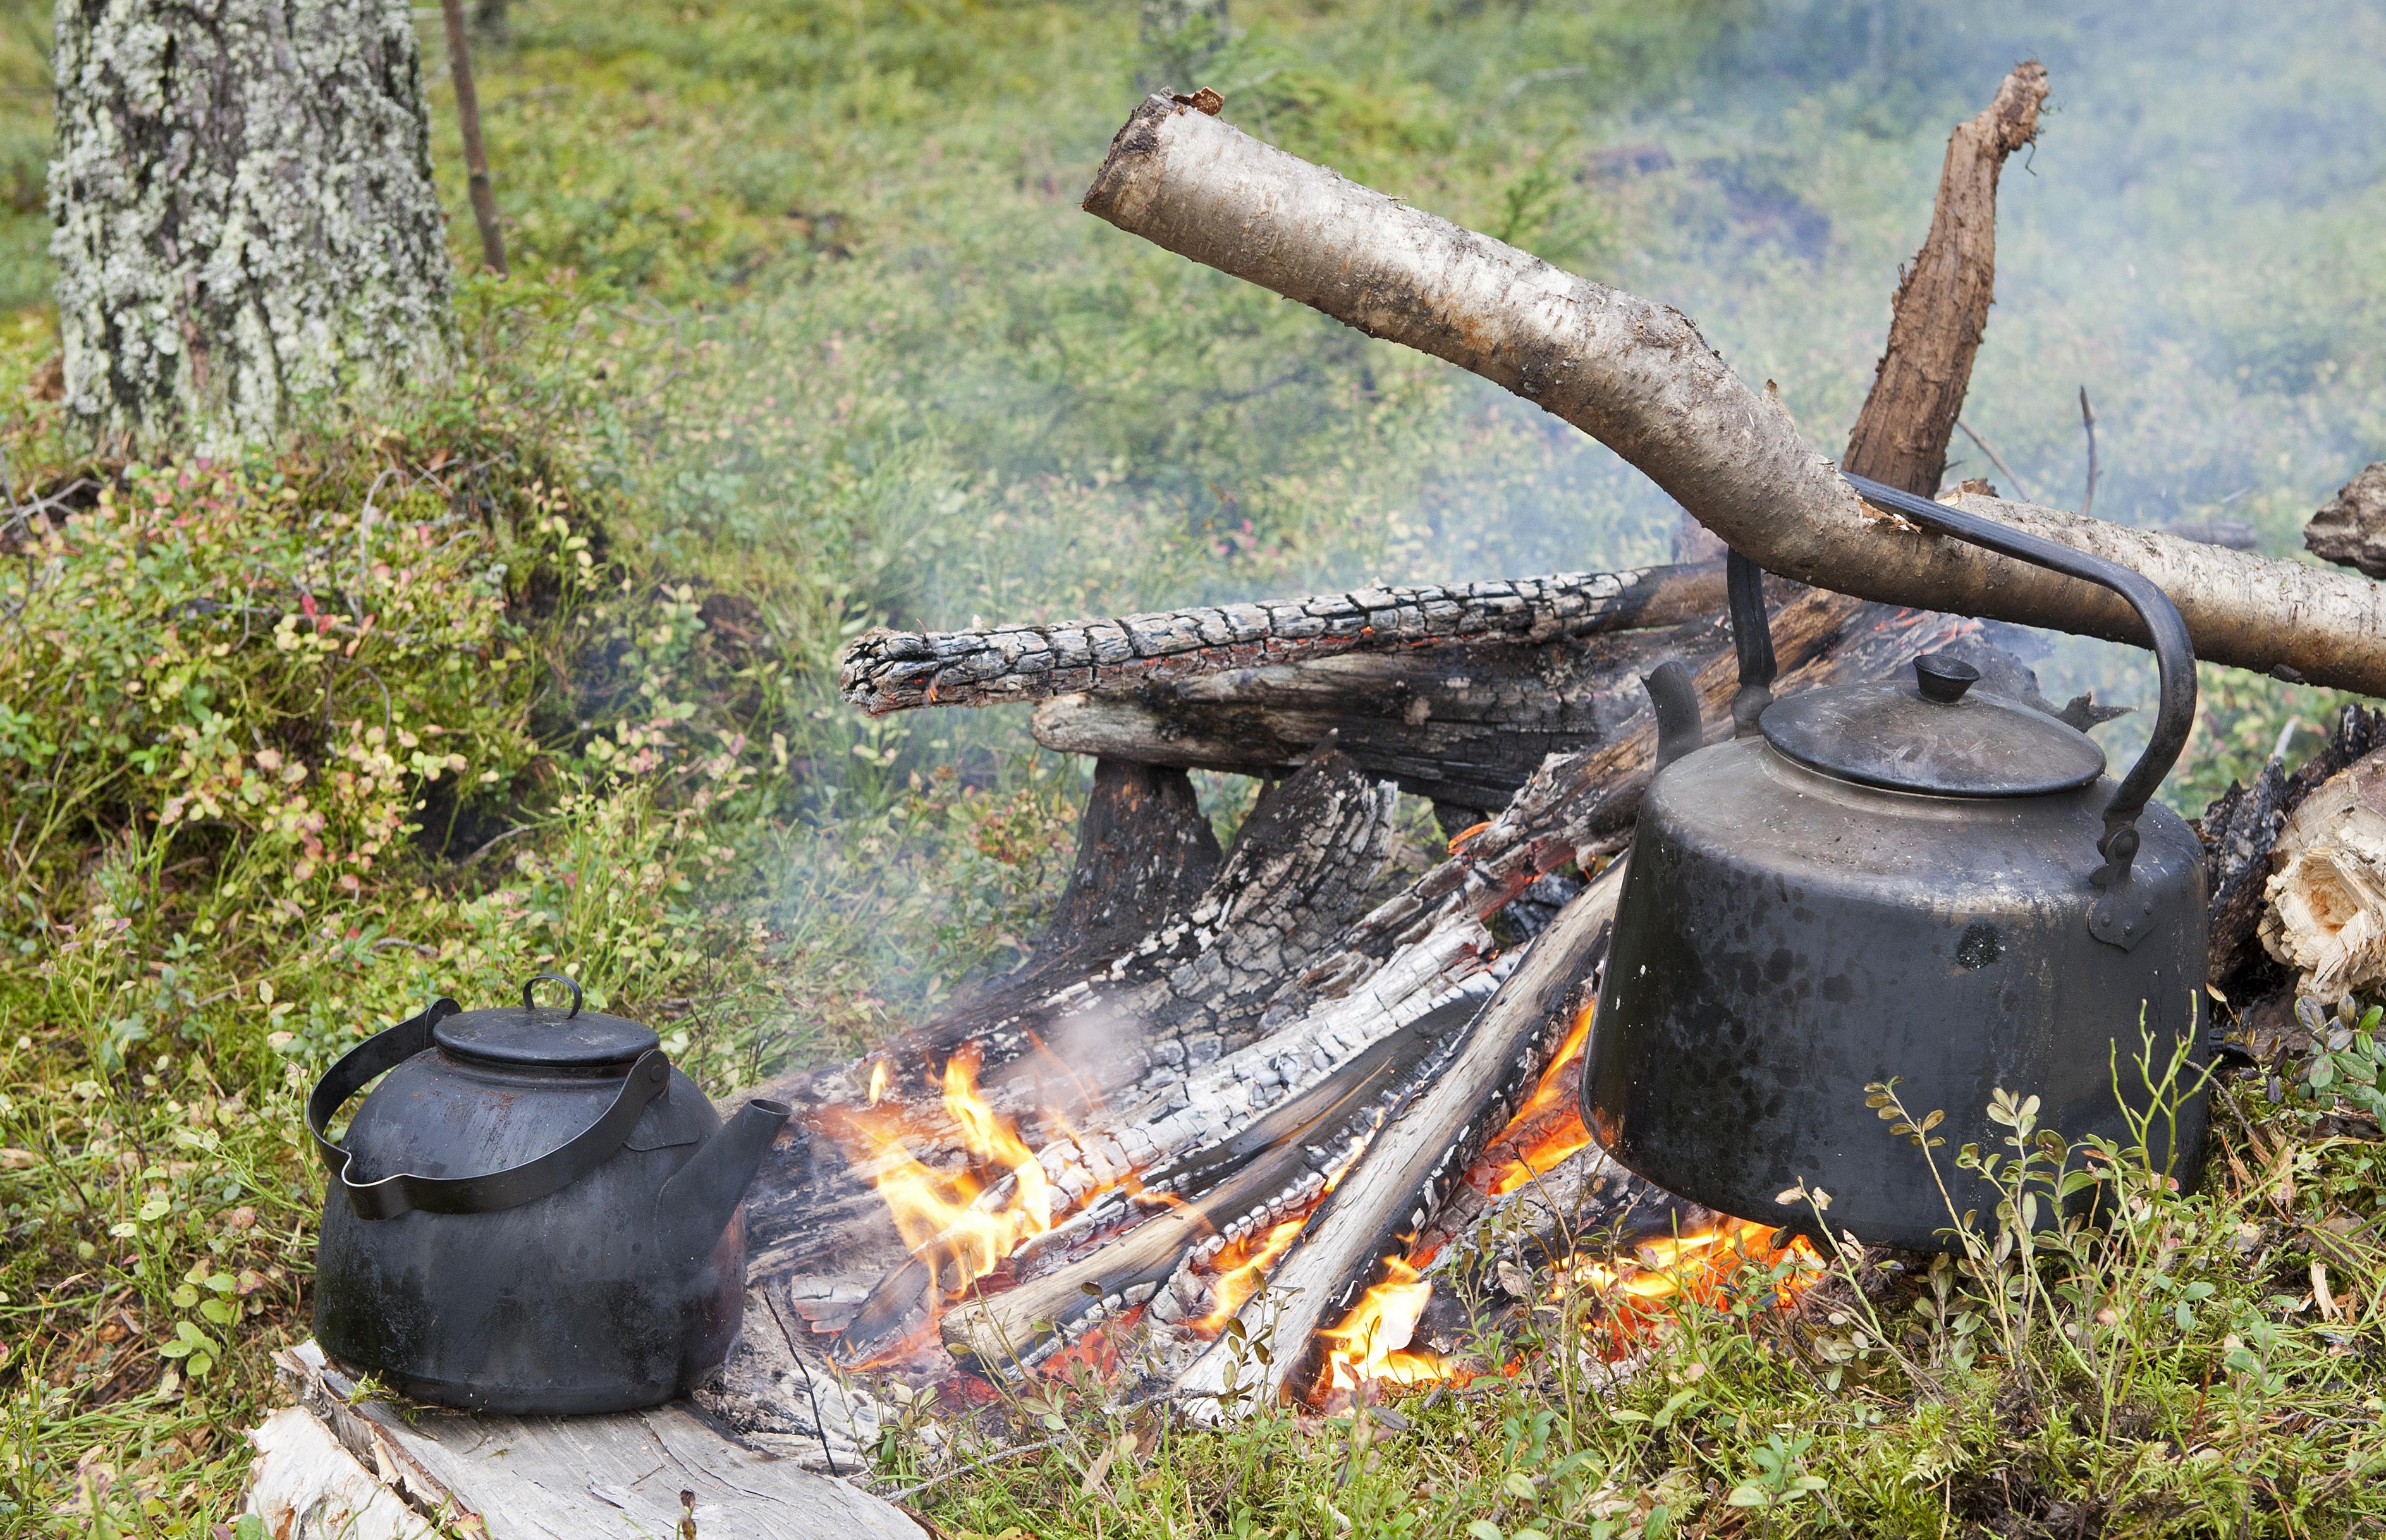 Pannukahvit. Photo: Saku Ruusila